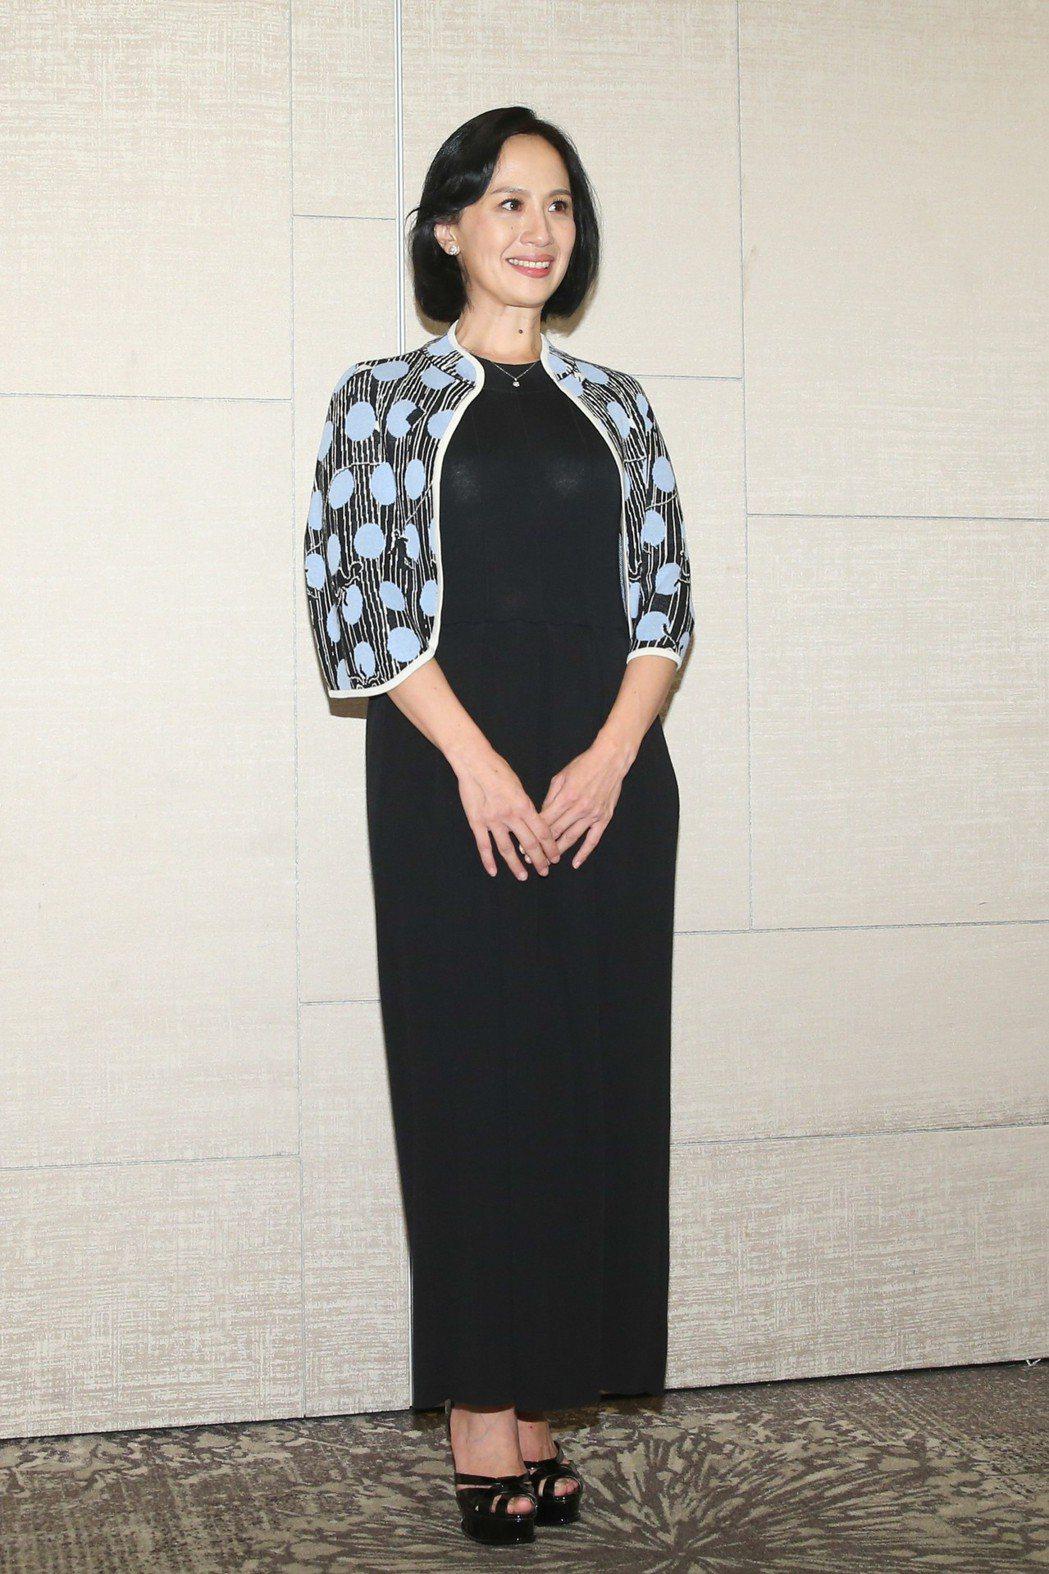 最佳女主角入圍者黃采儀昨天出席台北電影獎入圍酒會。記者葉信菉/攝影 葉信菉